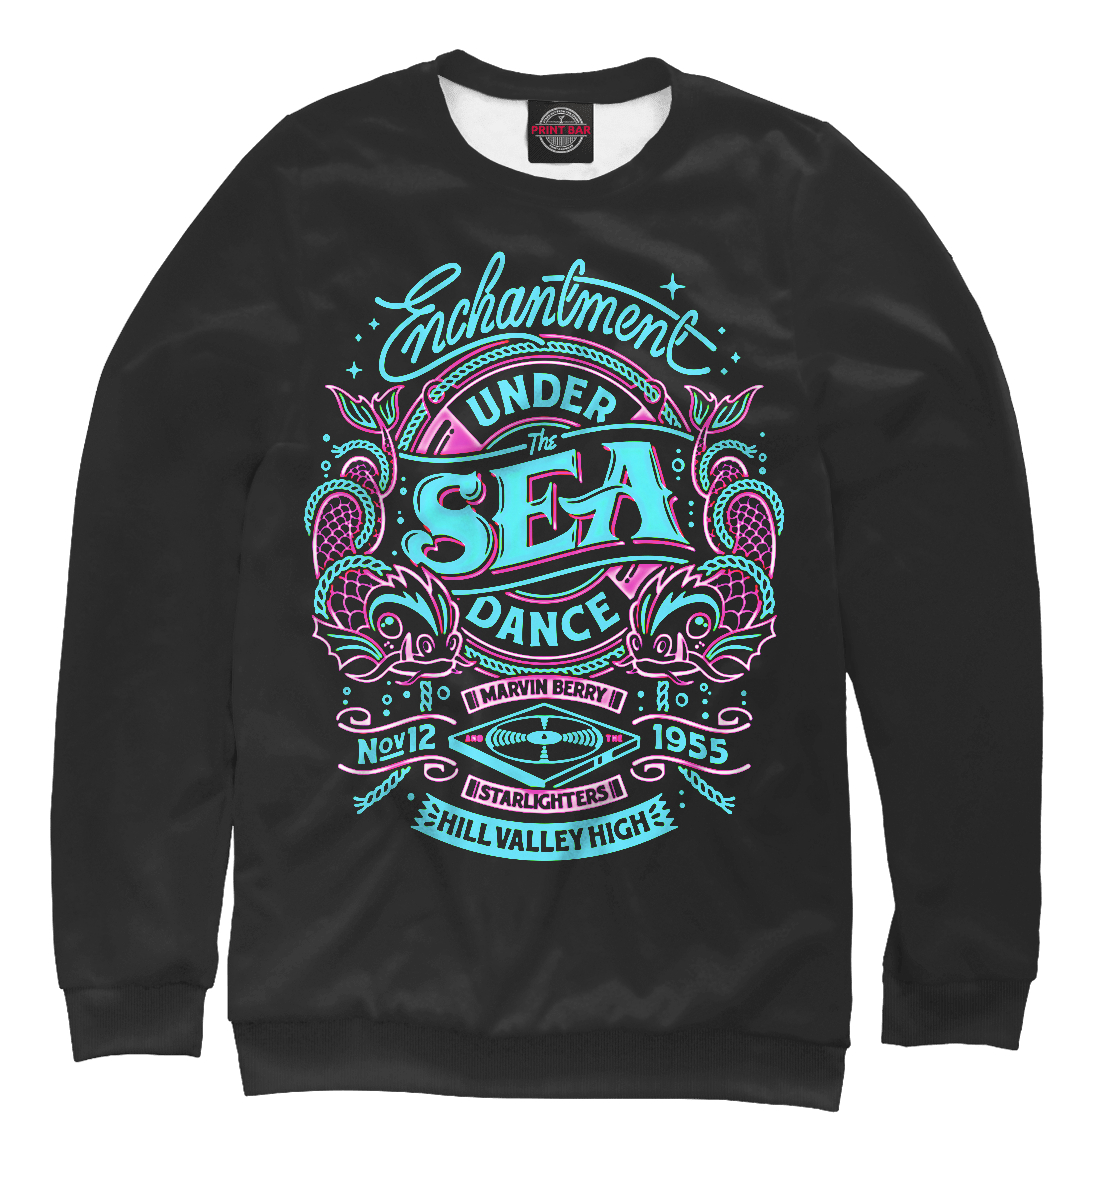 Купить Морской танец, Printbar, Свитшоты, APD-644912-swi-1